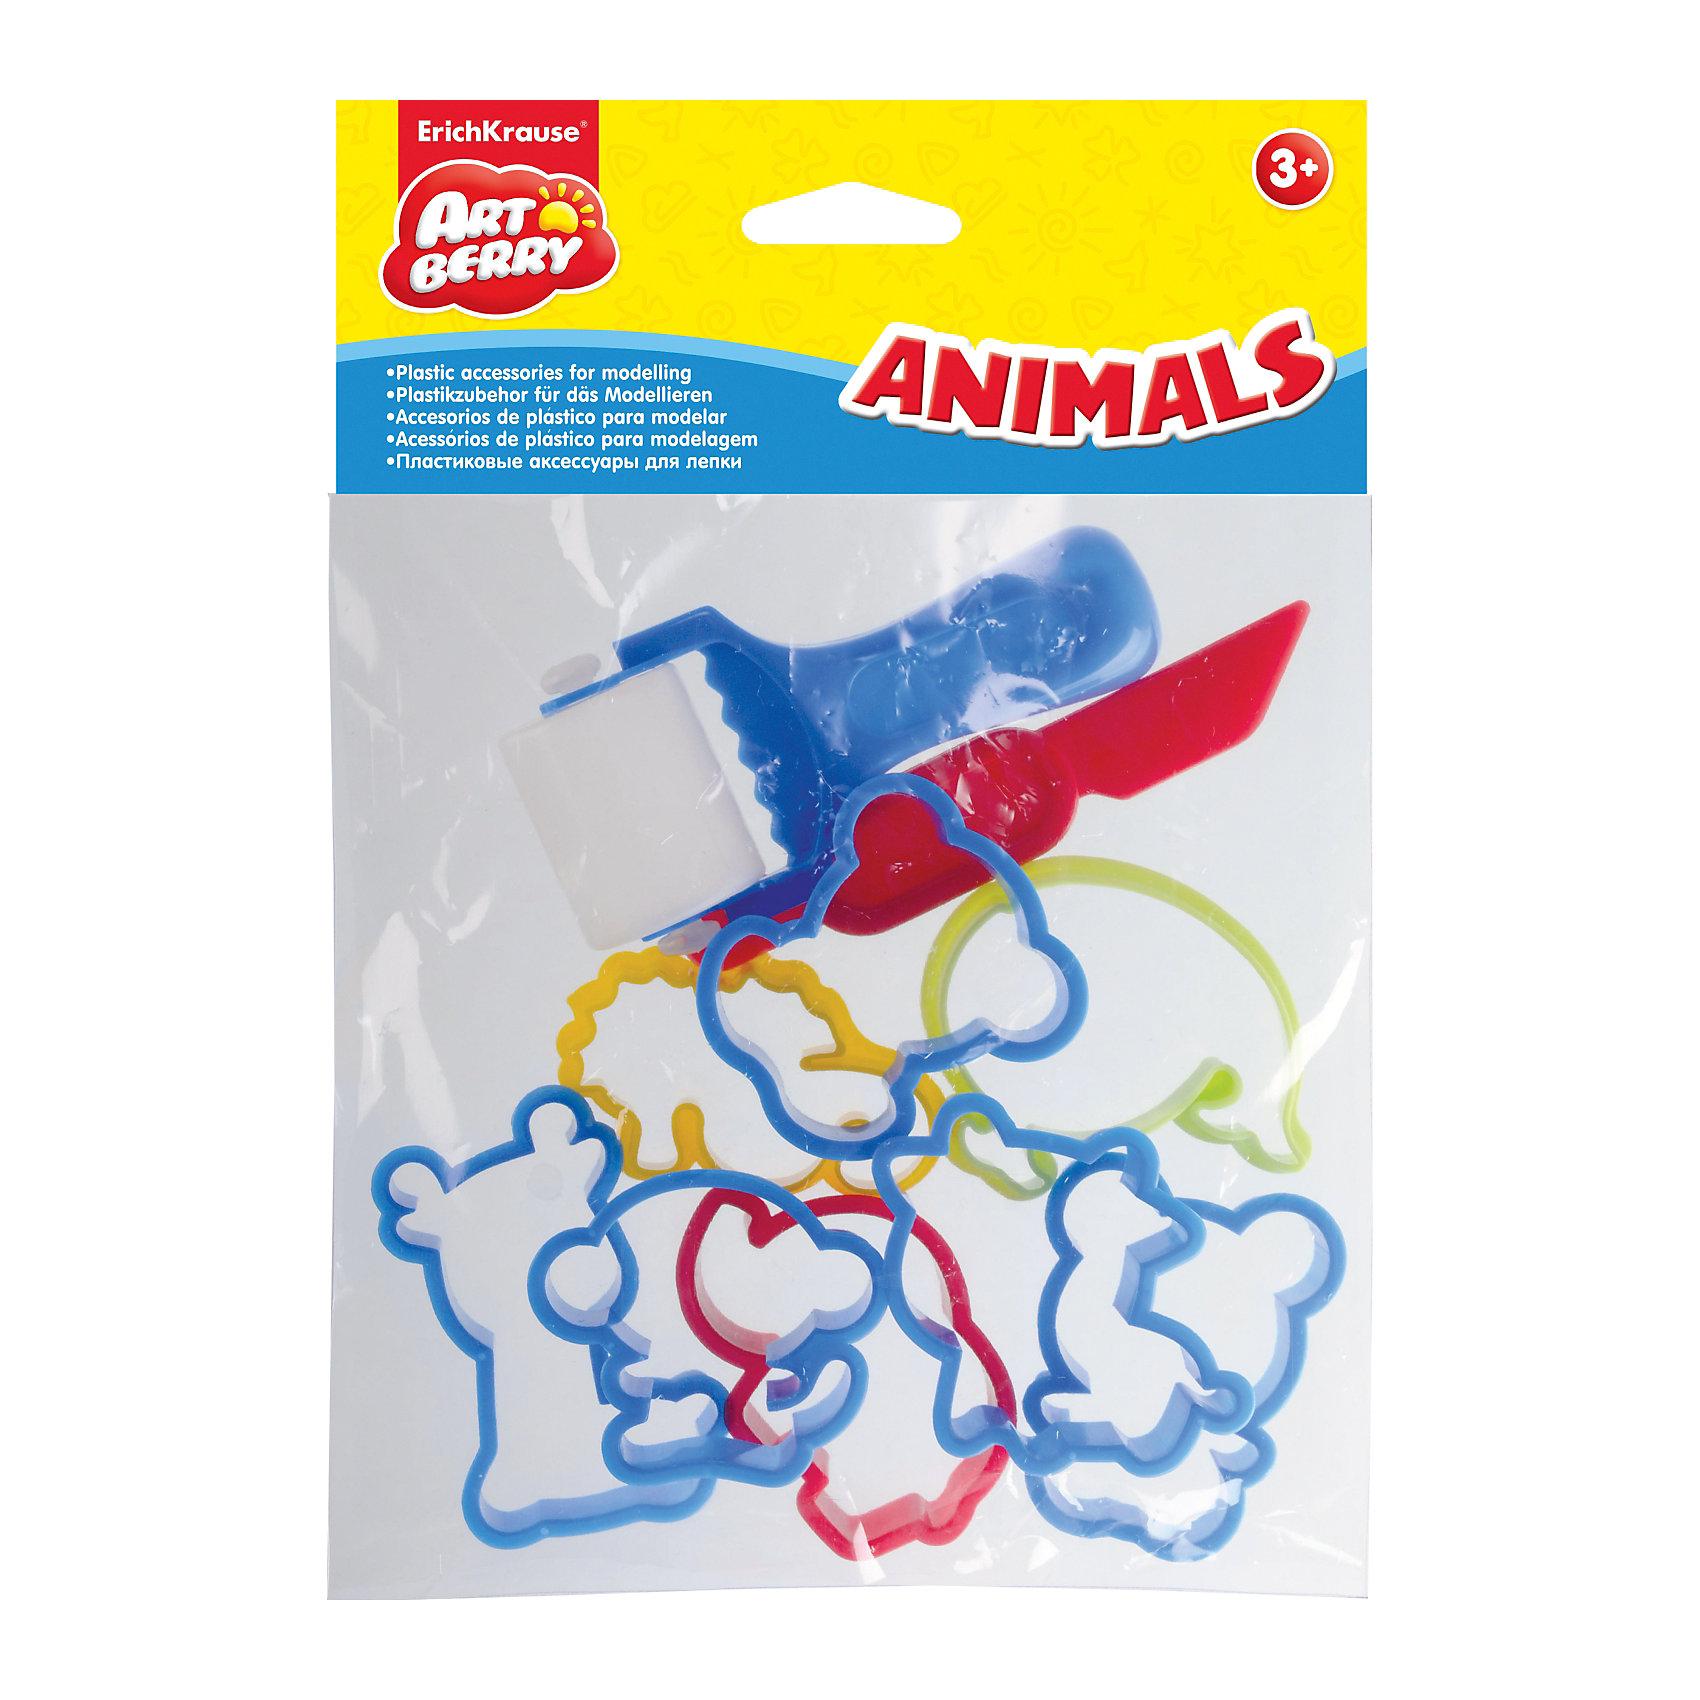 Набор пластиковых аксессуаров для лепки Animals, ArtberryЛепка<br>Набор пластиковых аксессуаров для лепки Animals, Artberry – это увлекательный набор для детского творчества.<br>Набор фигурных формочек и аксессуаров для лепки является хорошим дополнением к пластилину. Пластиковые формочки очень удобны для работы: имеют безопасные закругленные края и достаточно плотный каркас. Разноцветные формочки и аксессуары разнообразят занятия лепкой, научат создавать фигурные поделки, разовьют мелкую моторику пальцев ребенка.<br><br>Дополнительная информация:<br><br>- В наборе: стек, валик, 8 фигурных формочек животных<br>- Средний размер фигурки: 6 см x 6 см x 1 см.<br>- Материал: пластик<br><br>Набор пластиковых аксессуаров для лепки Animals, Artberry можно купить в нашем интернет-магазине.<br><br>Ширина мм: 165<br>Глубина мм: 40<br>Высота мм: 200<br>Вес г: 50<br>Возраст от месяцев: 36<br>Возраст до месяцев: 72<br>Пол: Унисекс<br>Возраст: Детский<br>SKU: 4744515